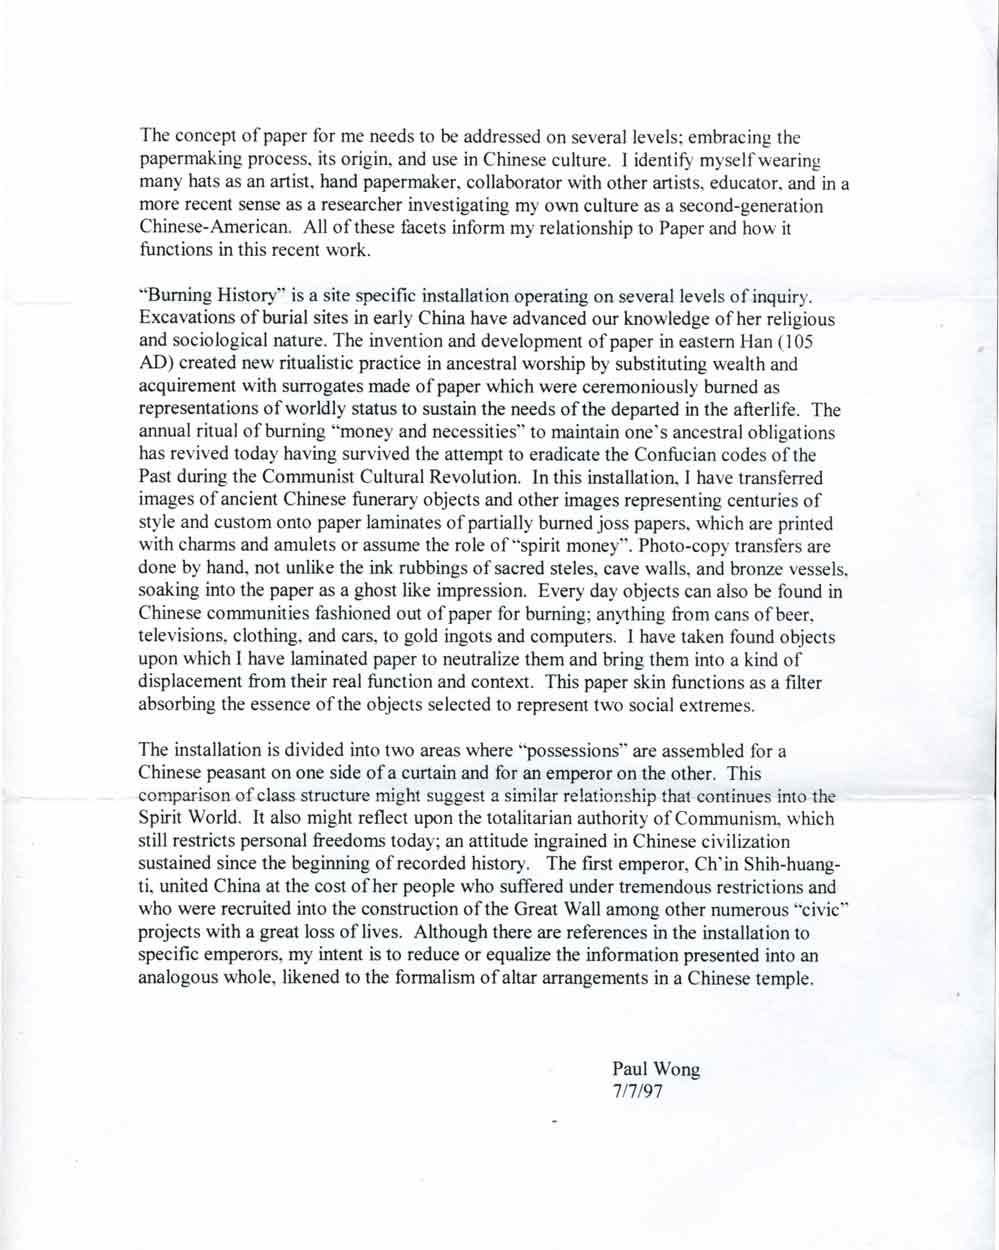 Paul Wong's Artist Statement